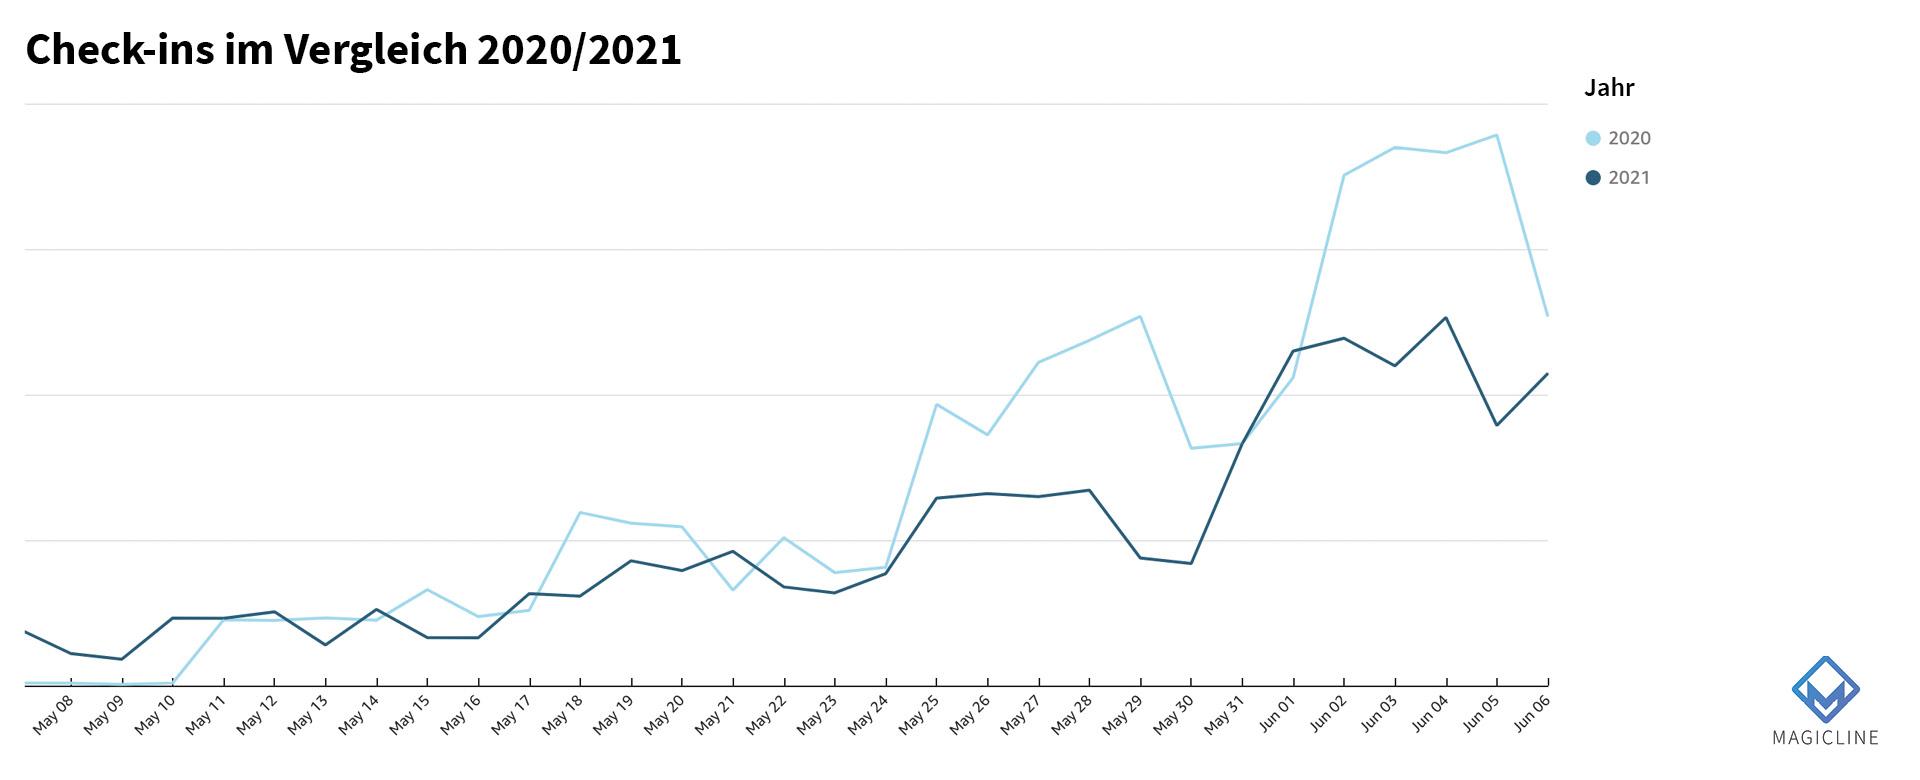 Bild: Check-ins im Vergleich zum Vorjahr